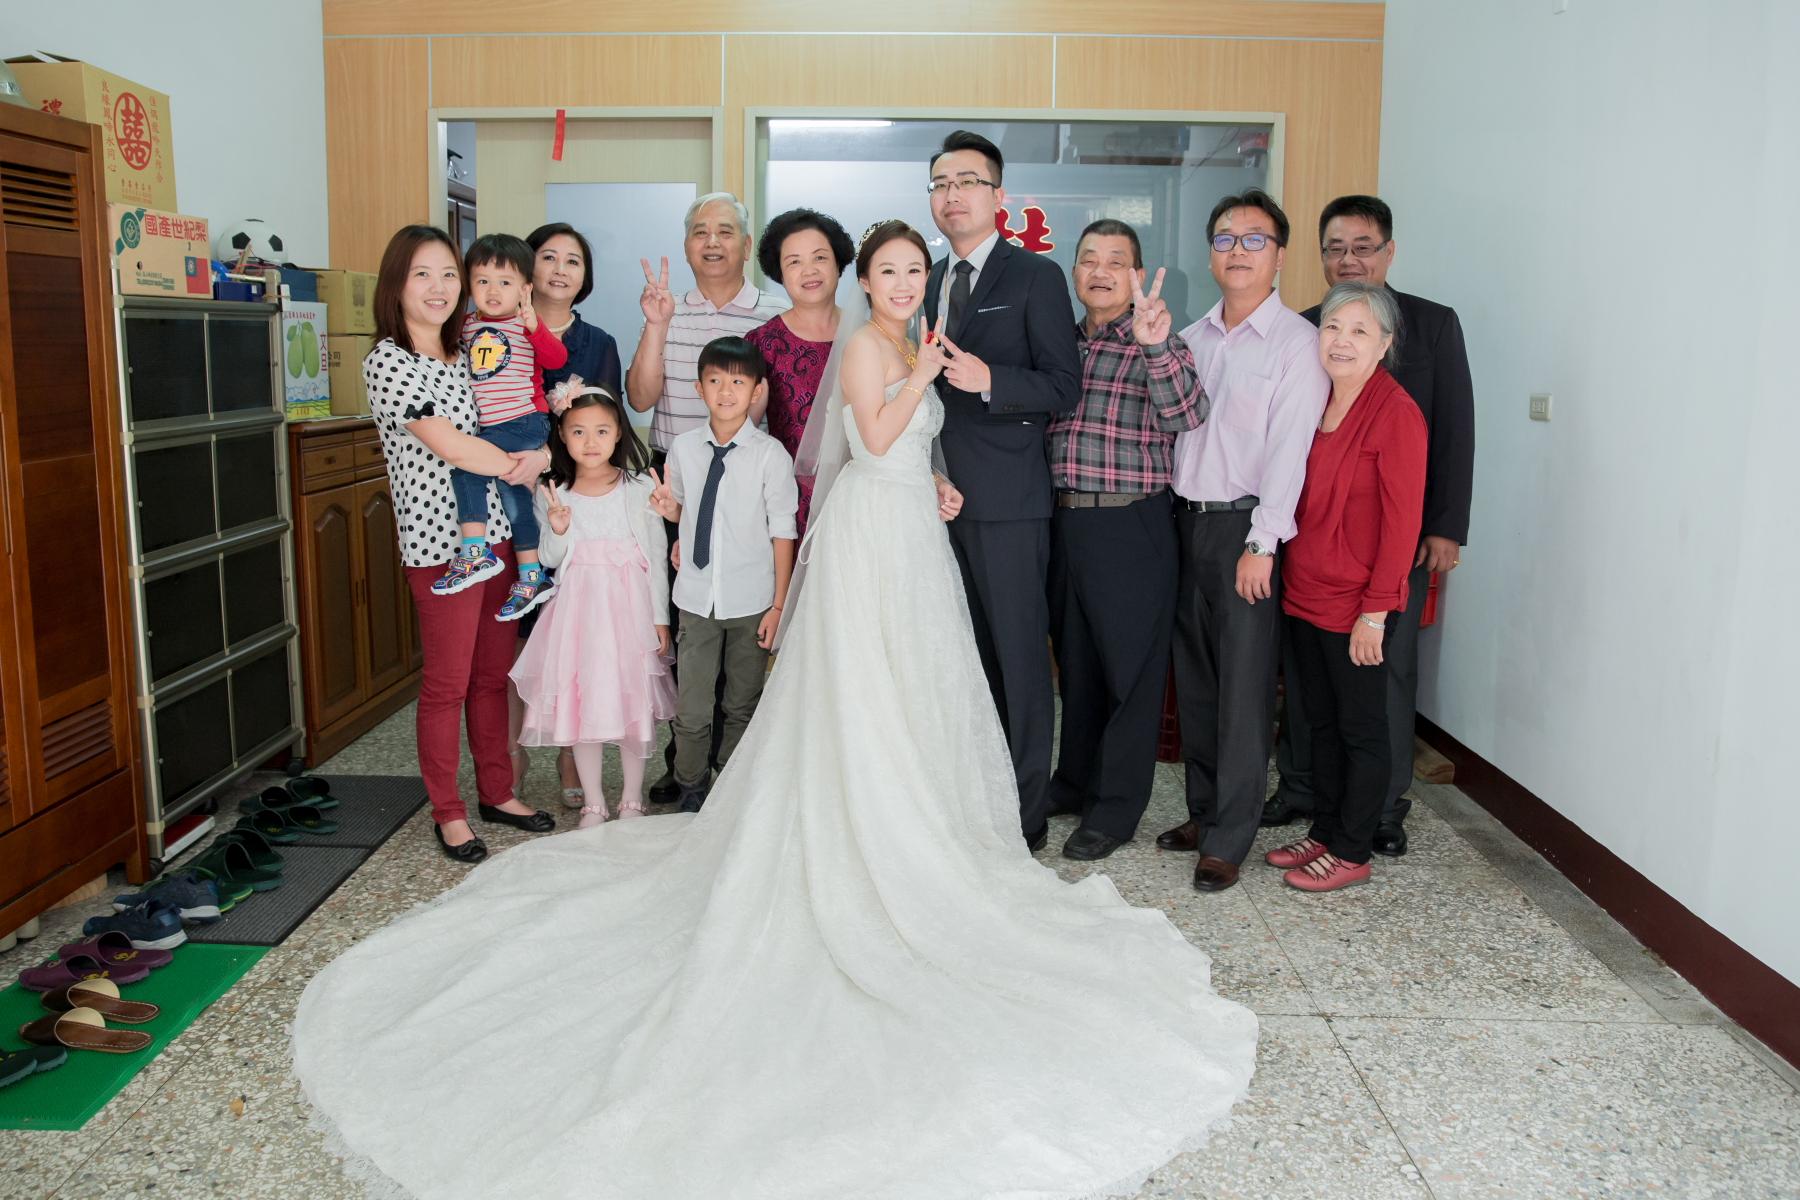 鴻璿鈺婷婚禮421